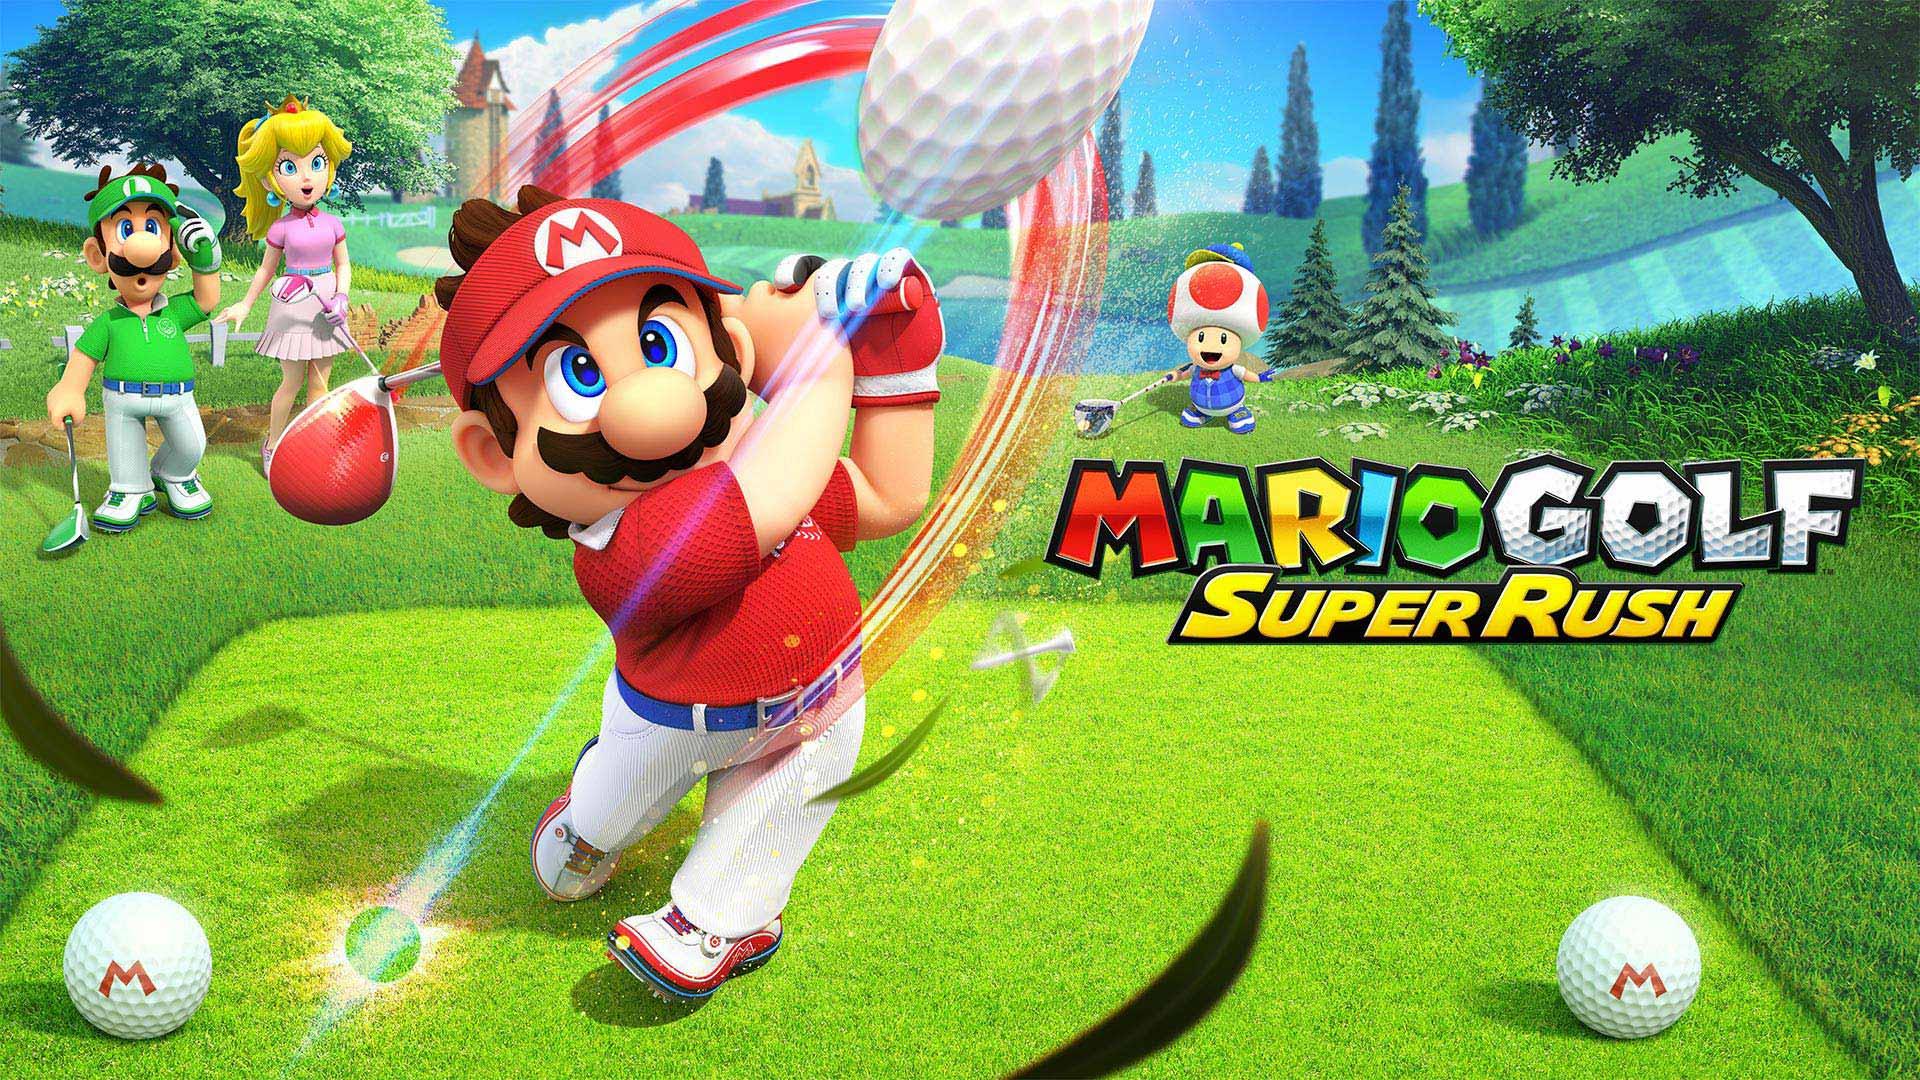 Nintendo Direct - Mario Golf Super Rush